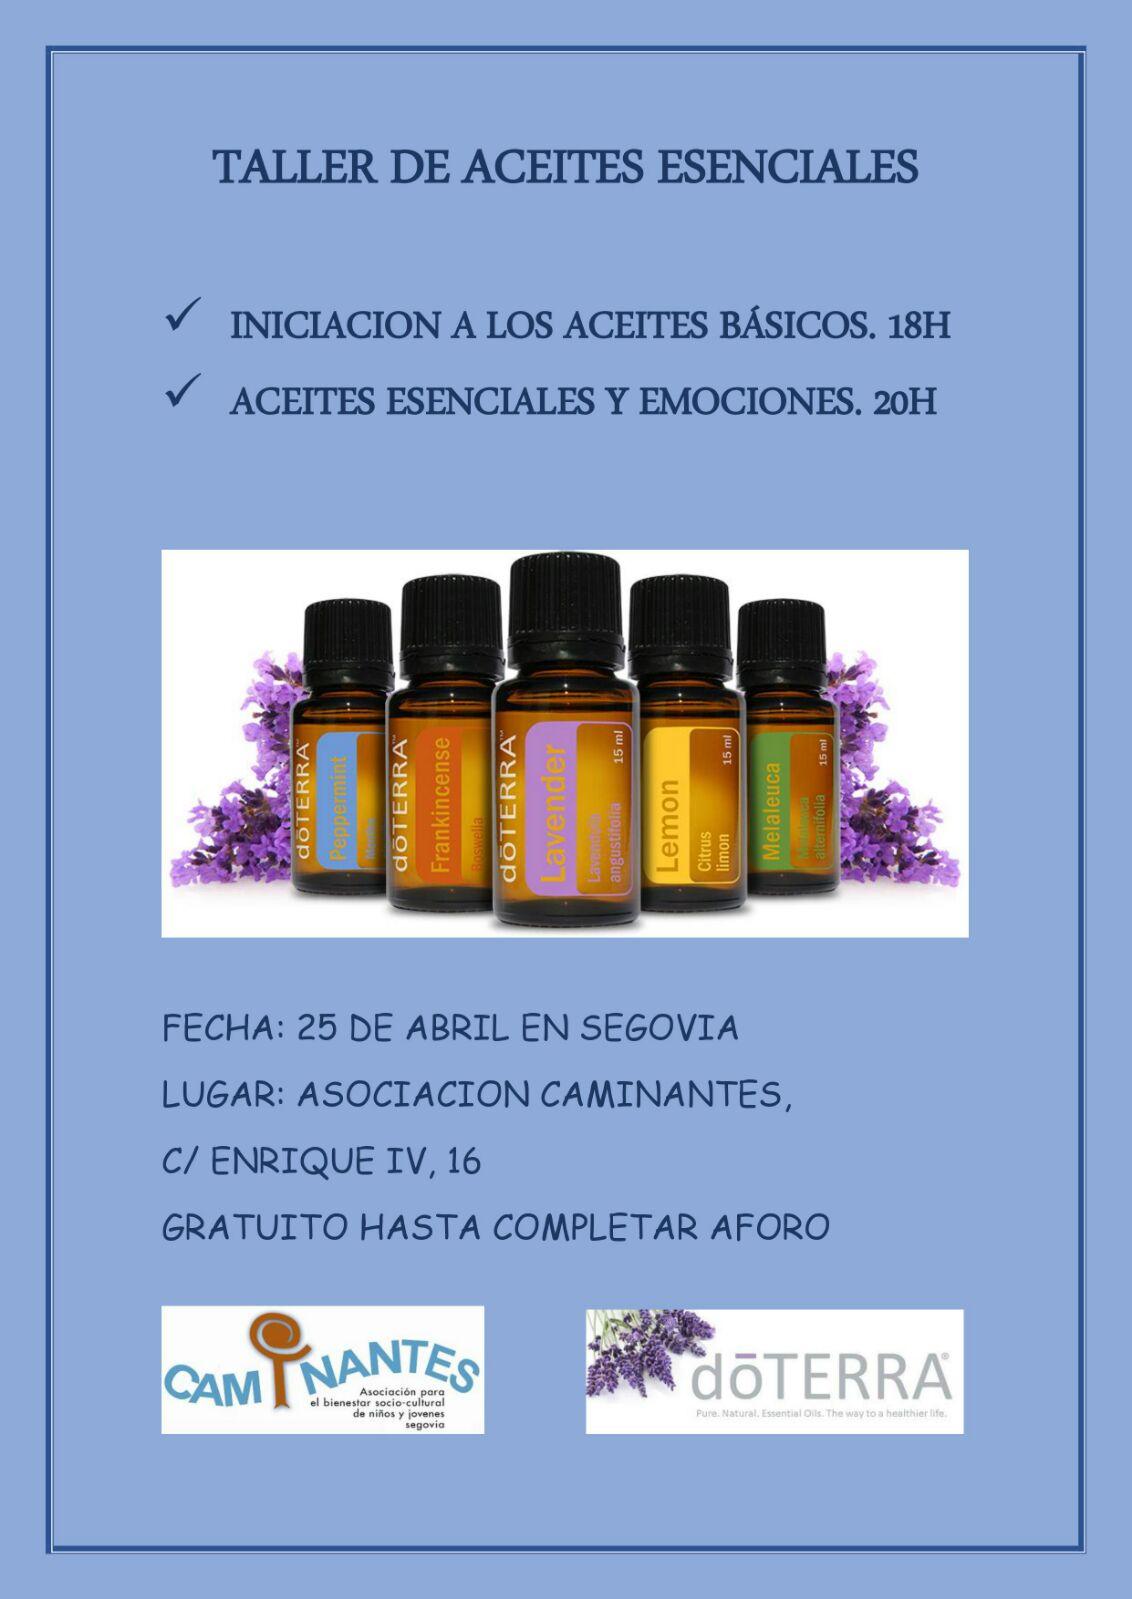 Aceites esenciales en Segovia